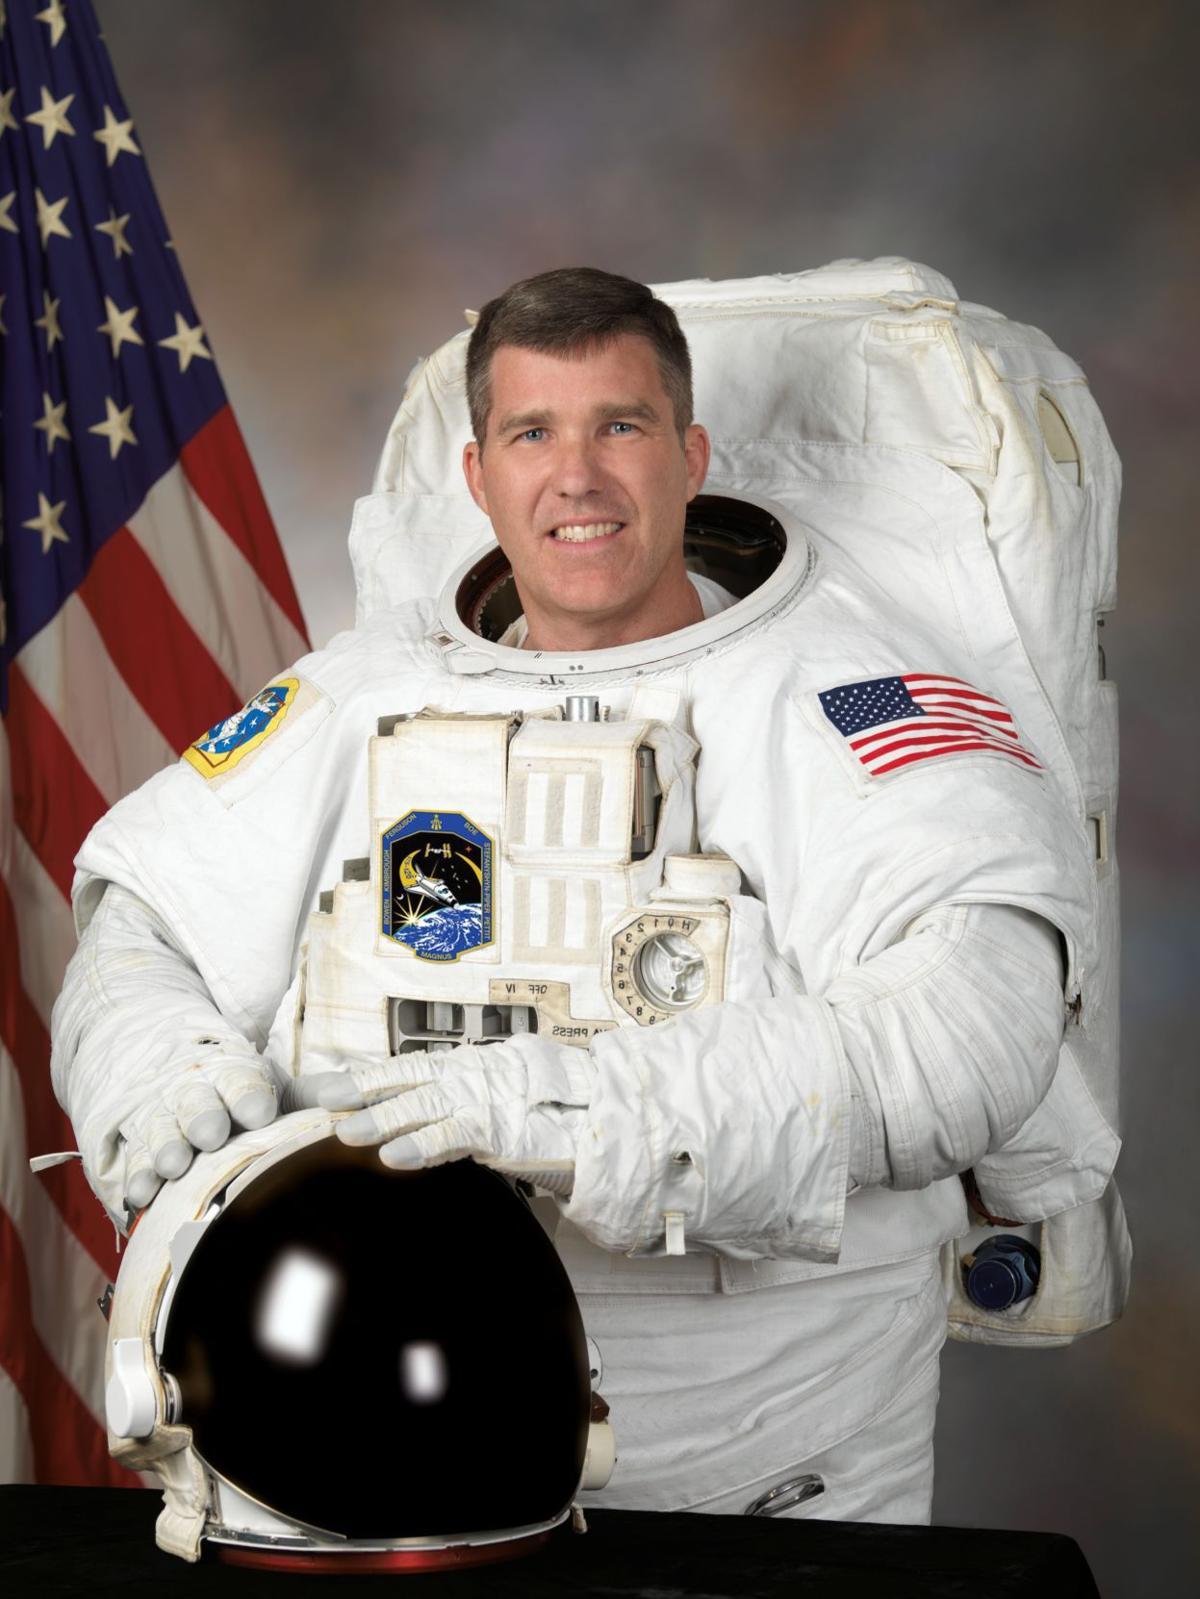 Stephen Bowen